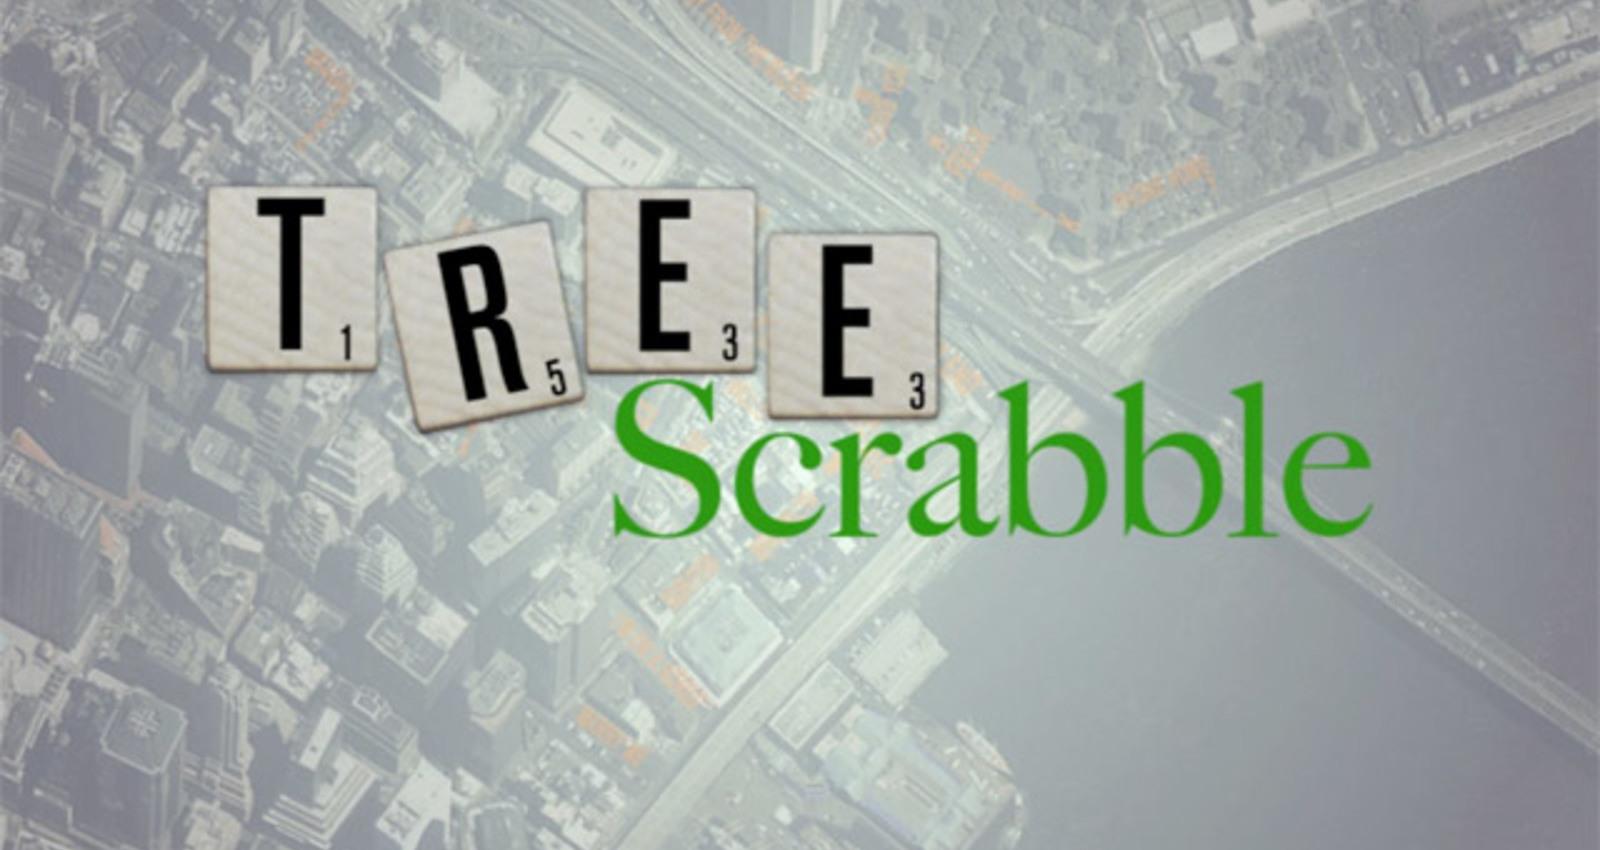 Tree Scrabble